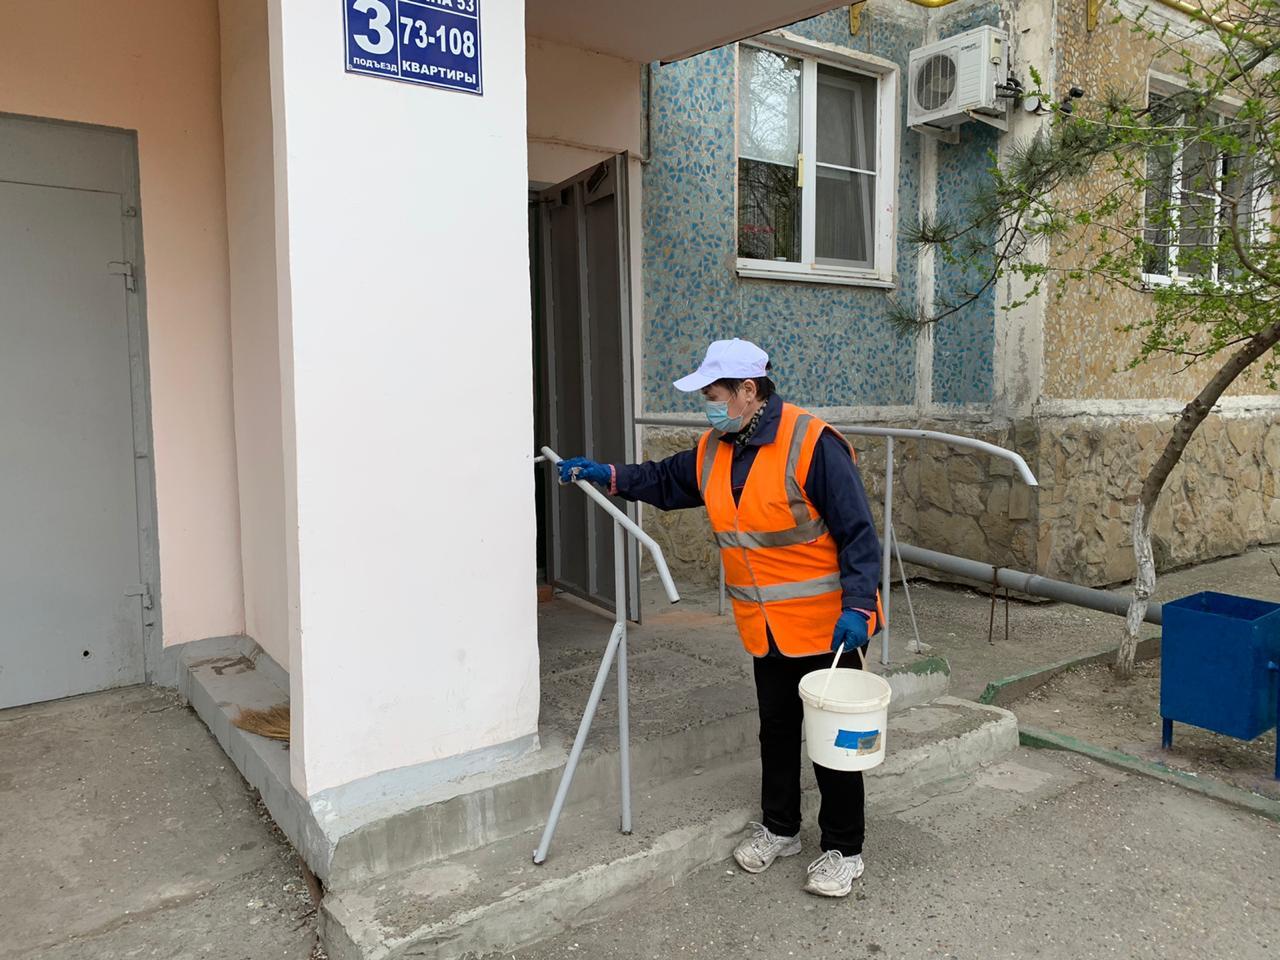 В Новороссийске стали обрабатывать лифты и подъезды дезинфицирующими средствами